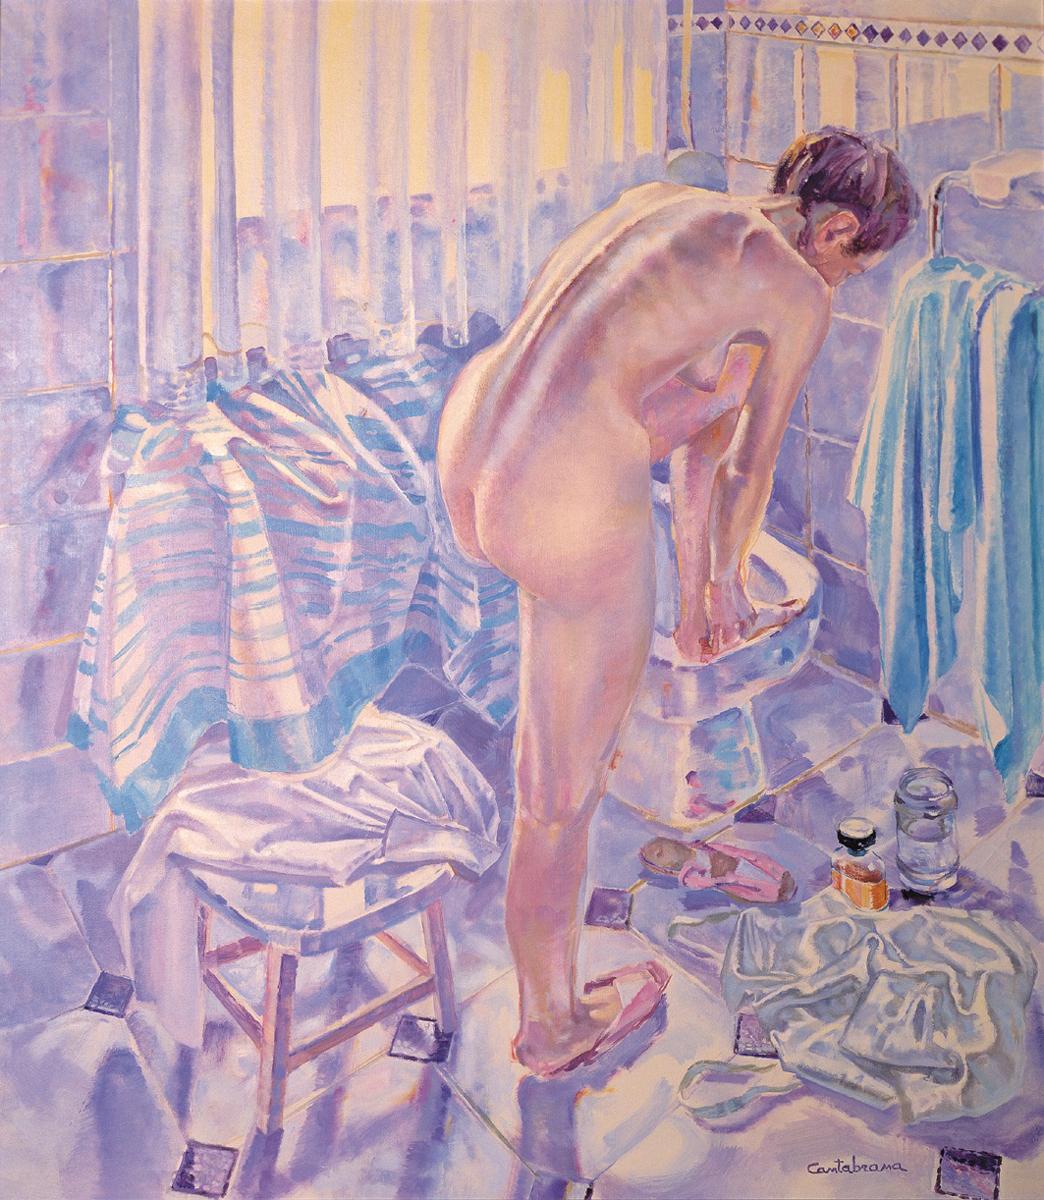 Desnudo-en-el-bano-y-telas-oleo-sobre-lienzo-140x120-cm